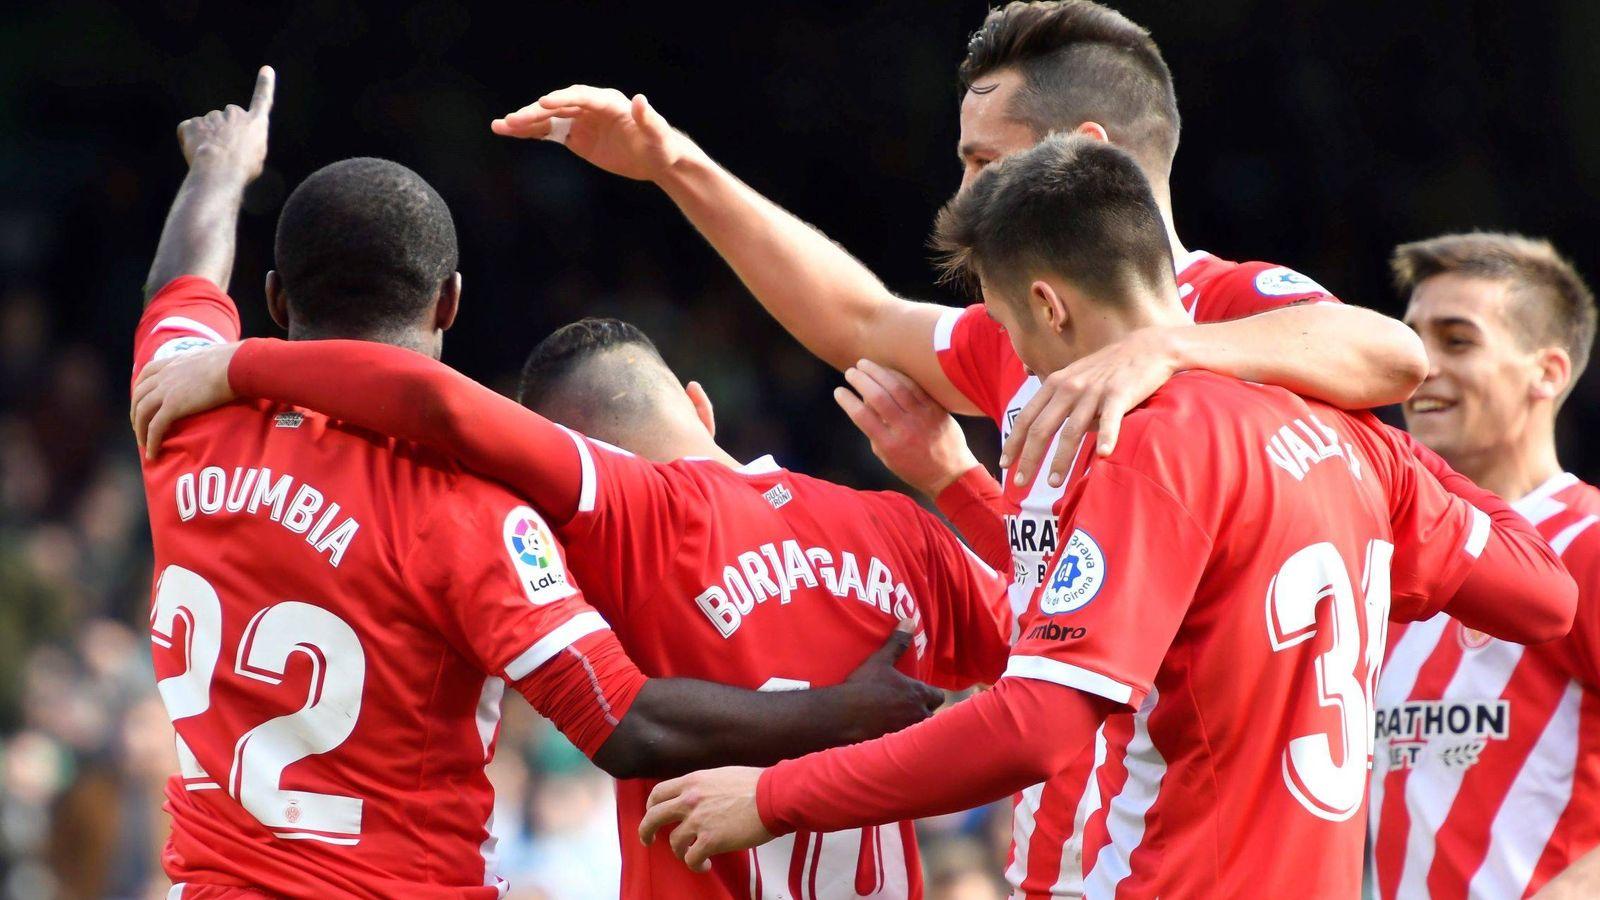 Foto: Jugadores del Girona celebran un gol. (EFE)